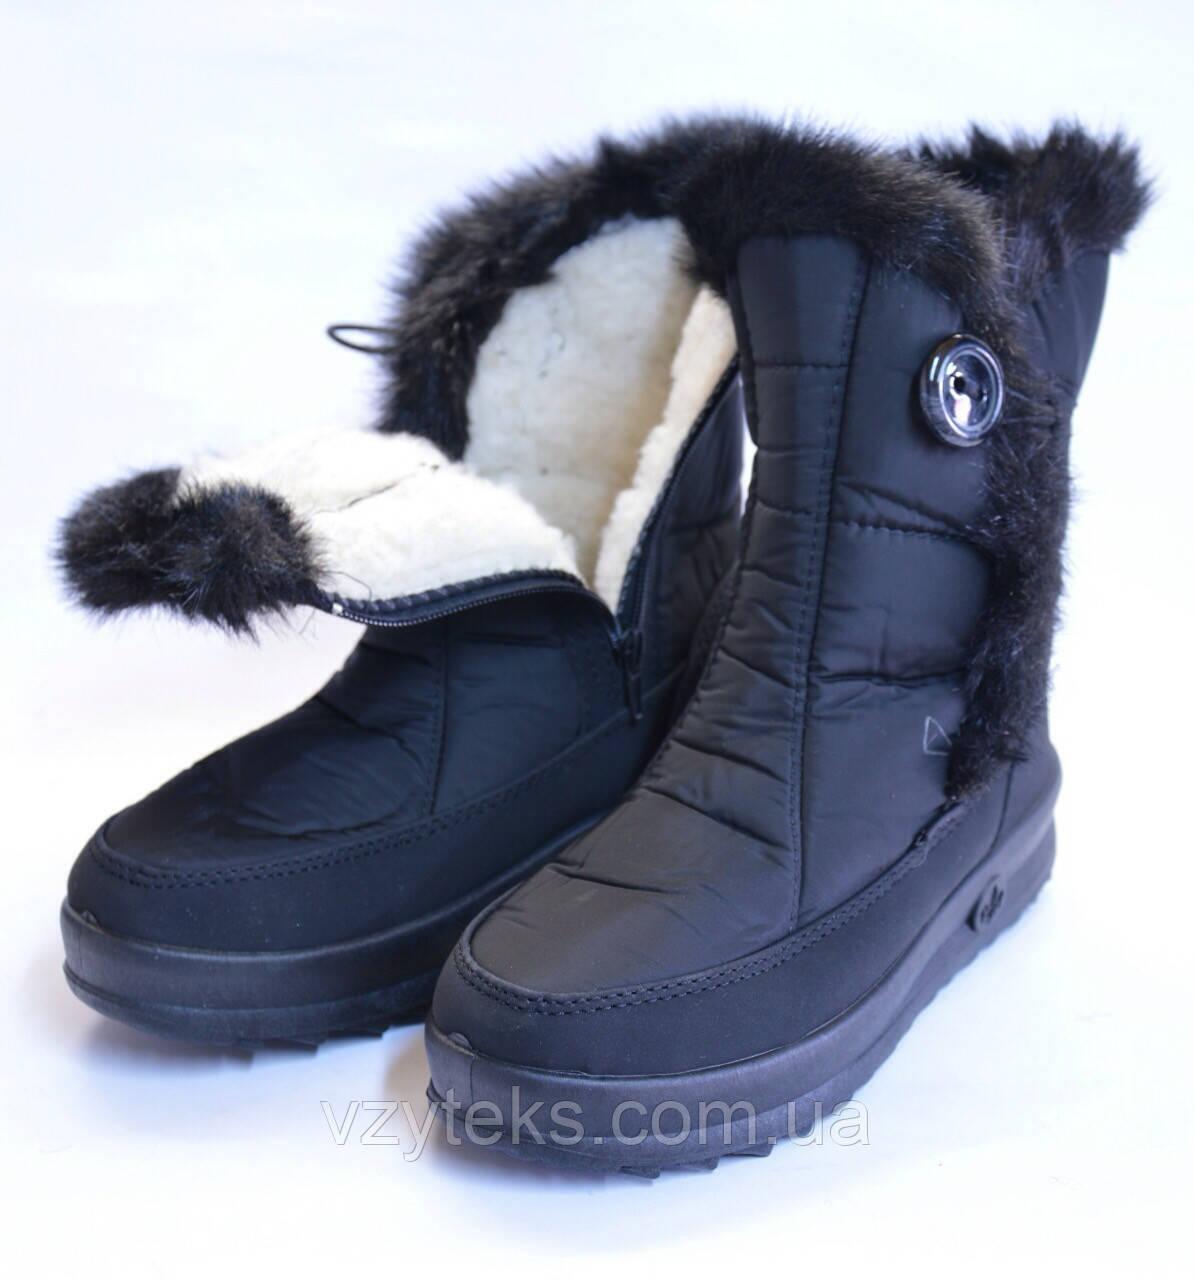 d54b114f2 Купить Сапоги женские зимние оптом оптом Хмельницкий | Центр обуви ...